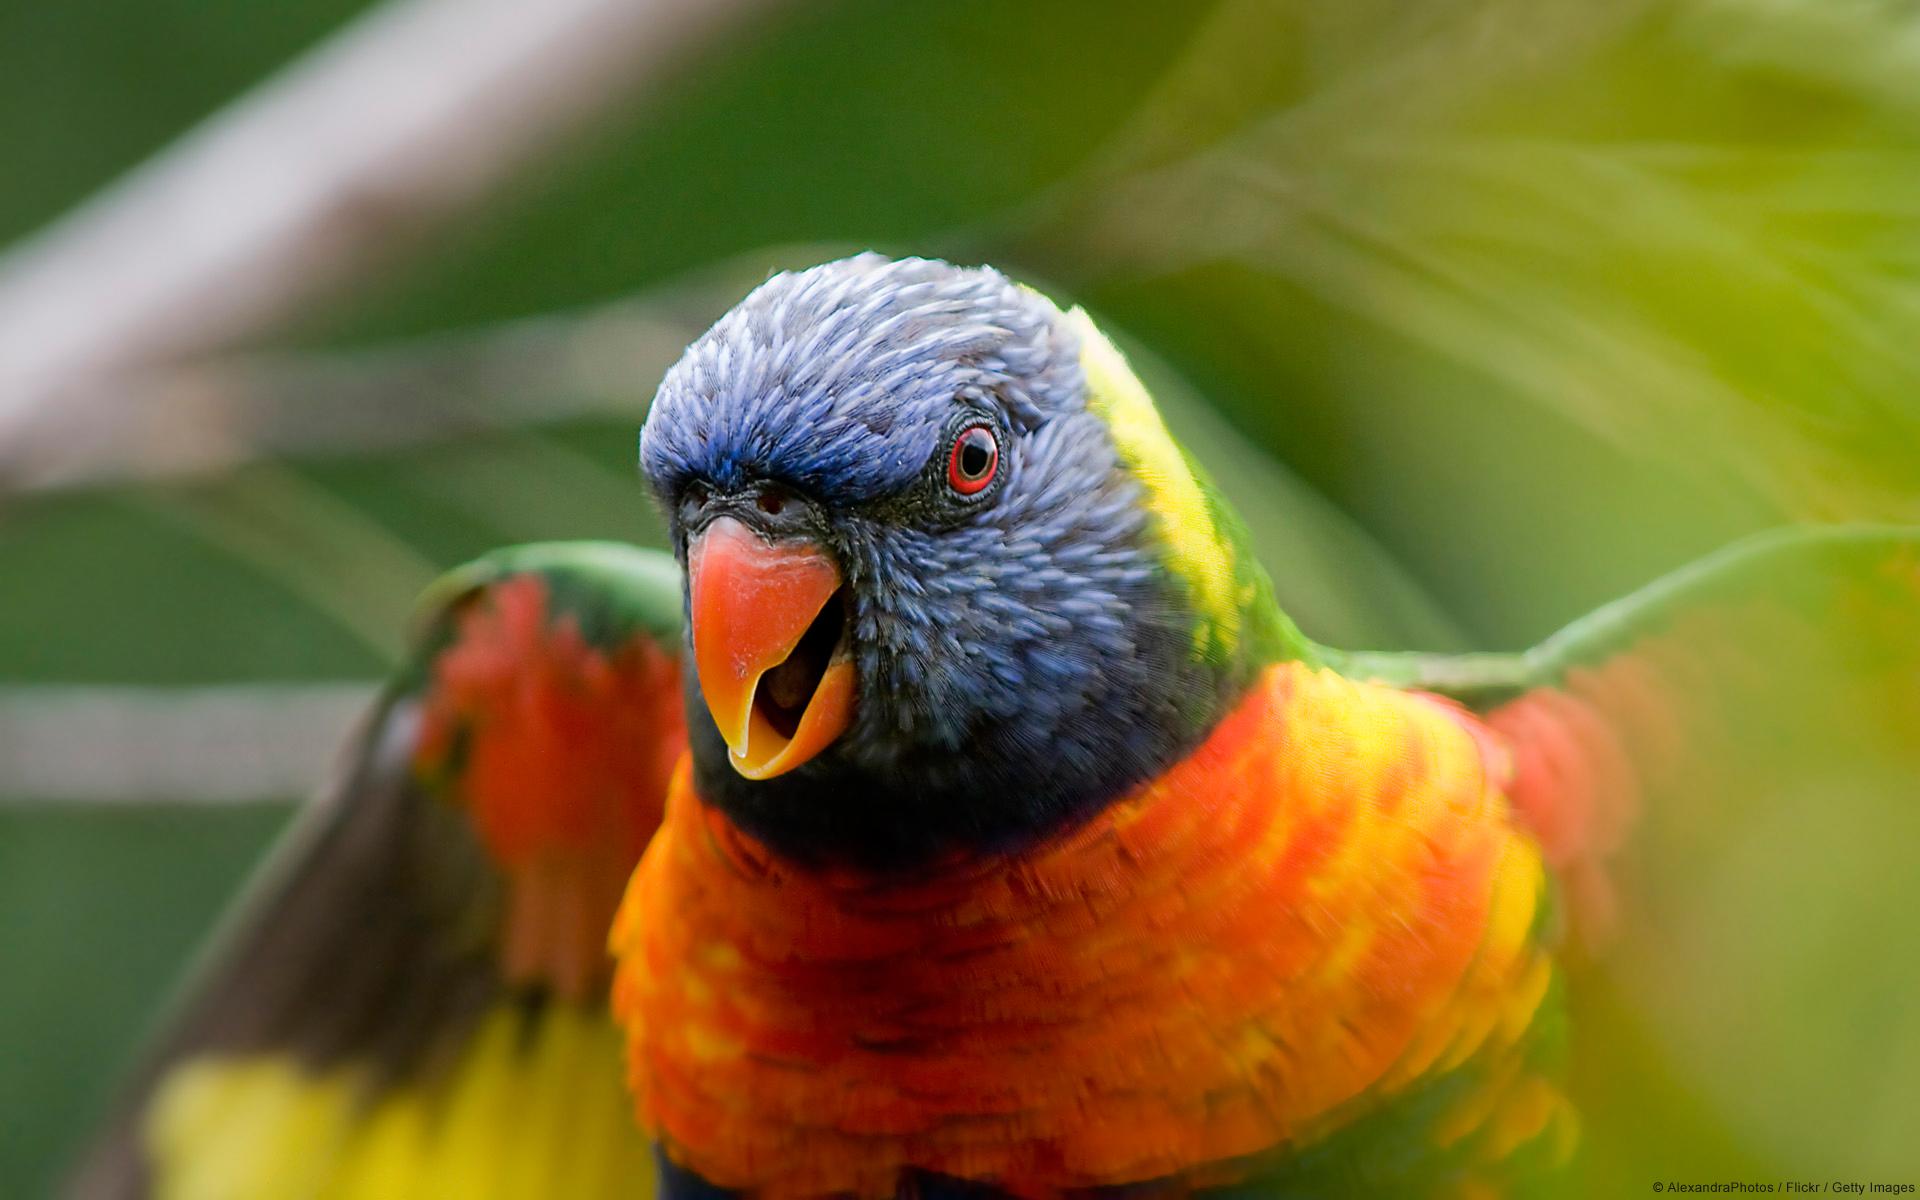 بالصور عصافير الزينة , هذه روائع الصور لعصافير الزينه 2859 8